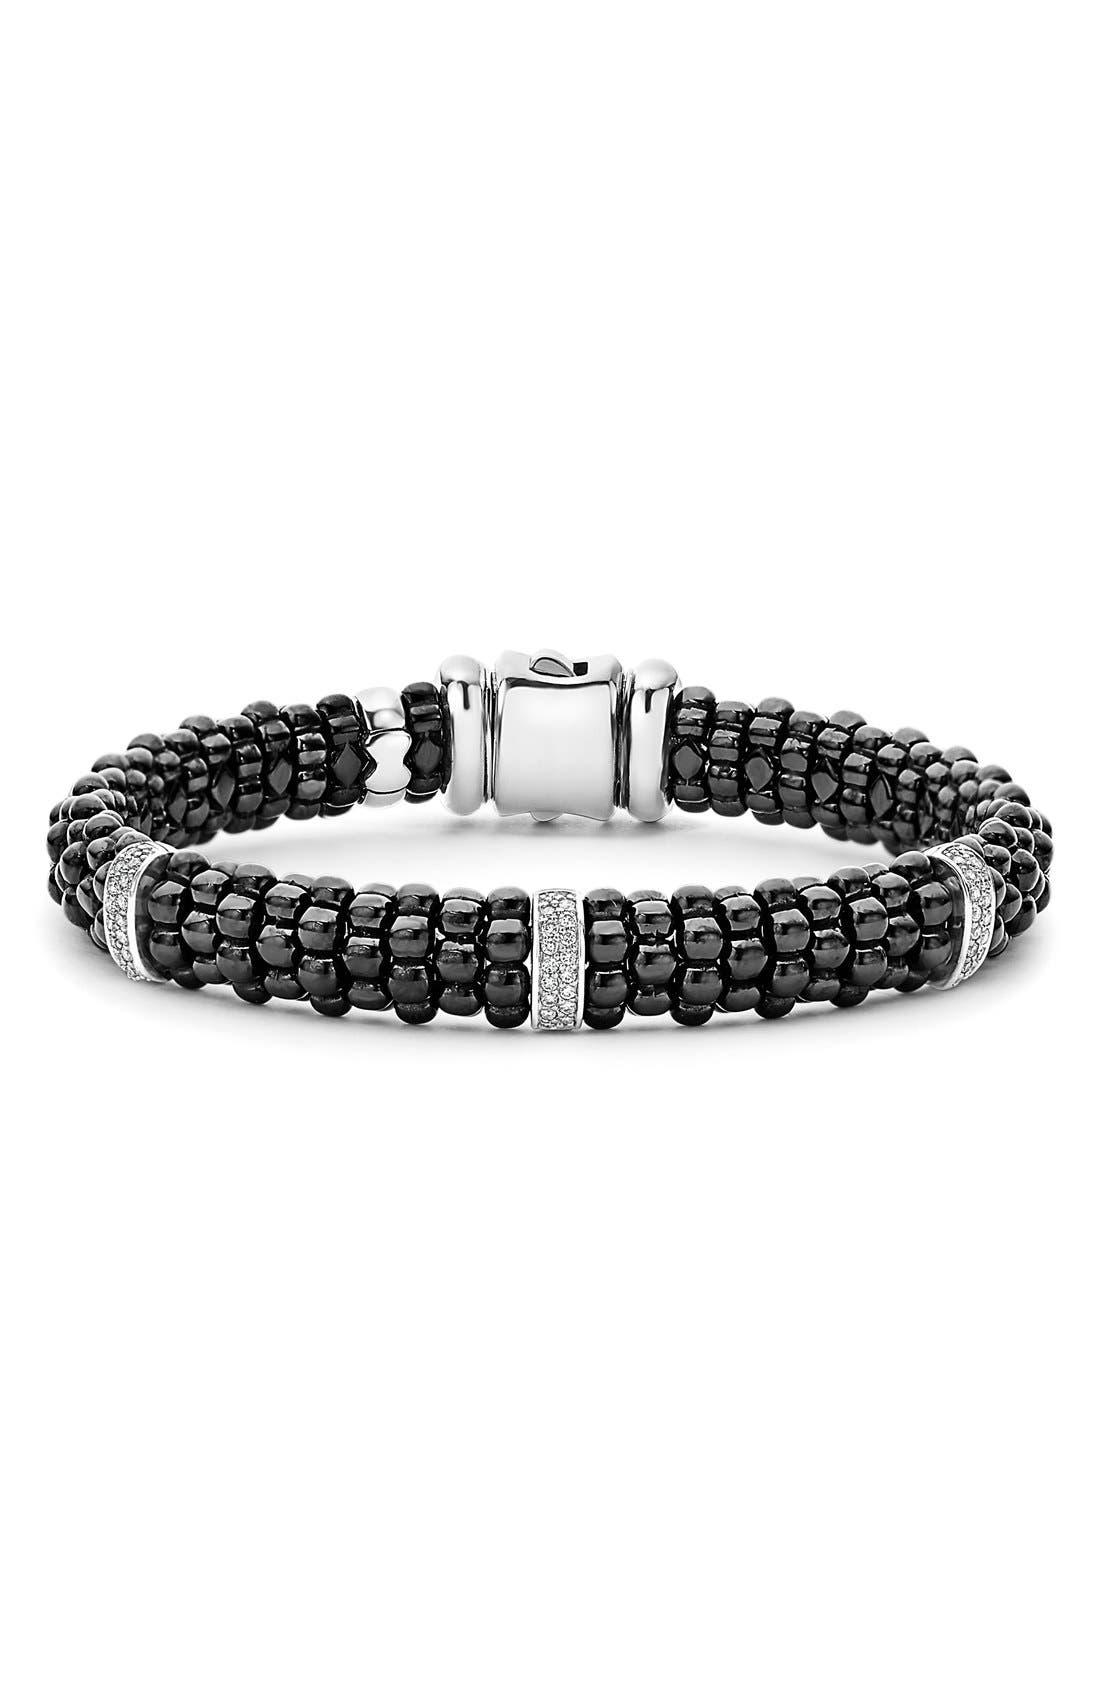 LAGOS Black Caviar Diamond Bracelet